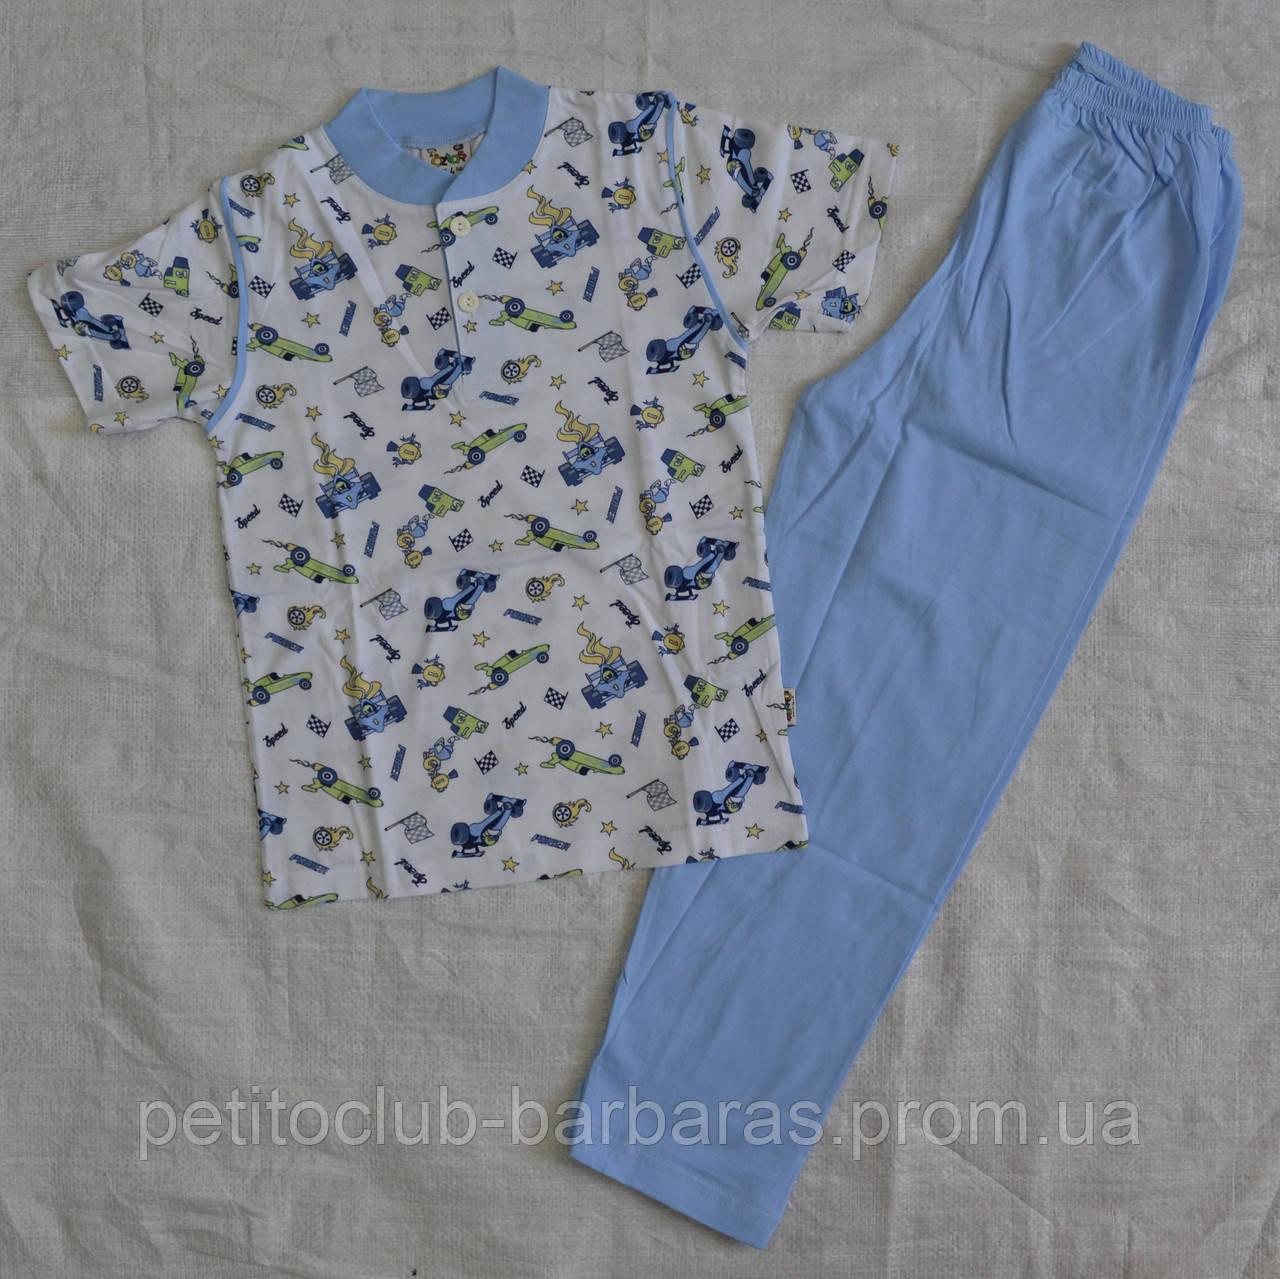 Летняя детская пижама для мальчиков голубая р. 122-128 см (OZTAS, Турция)